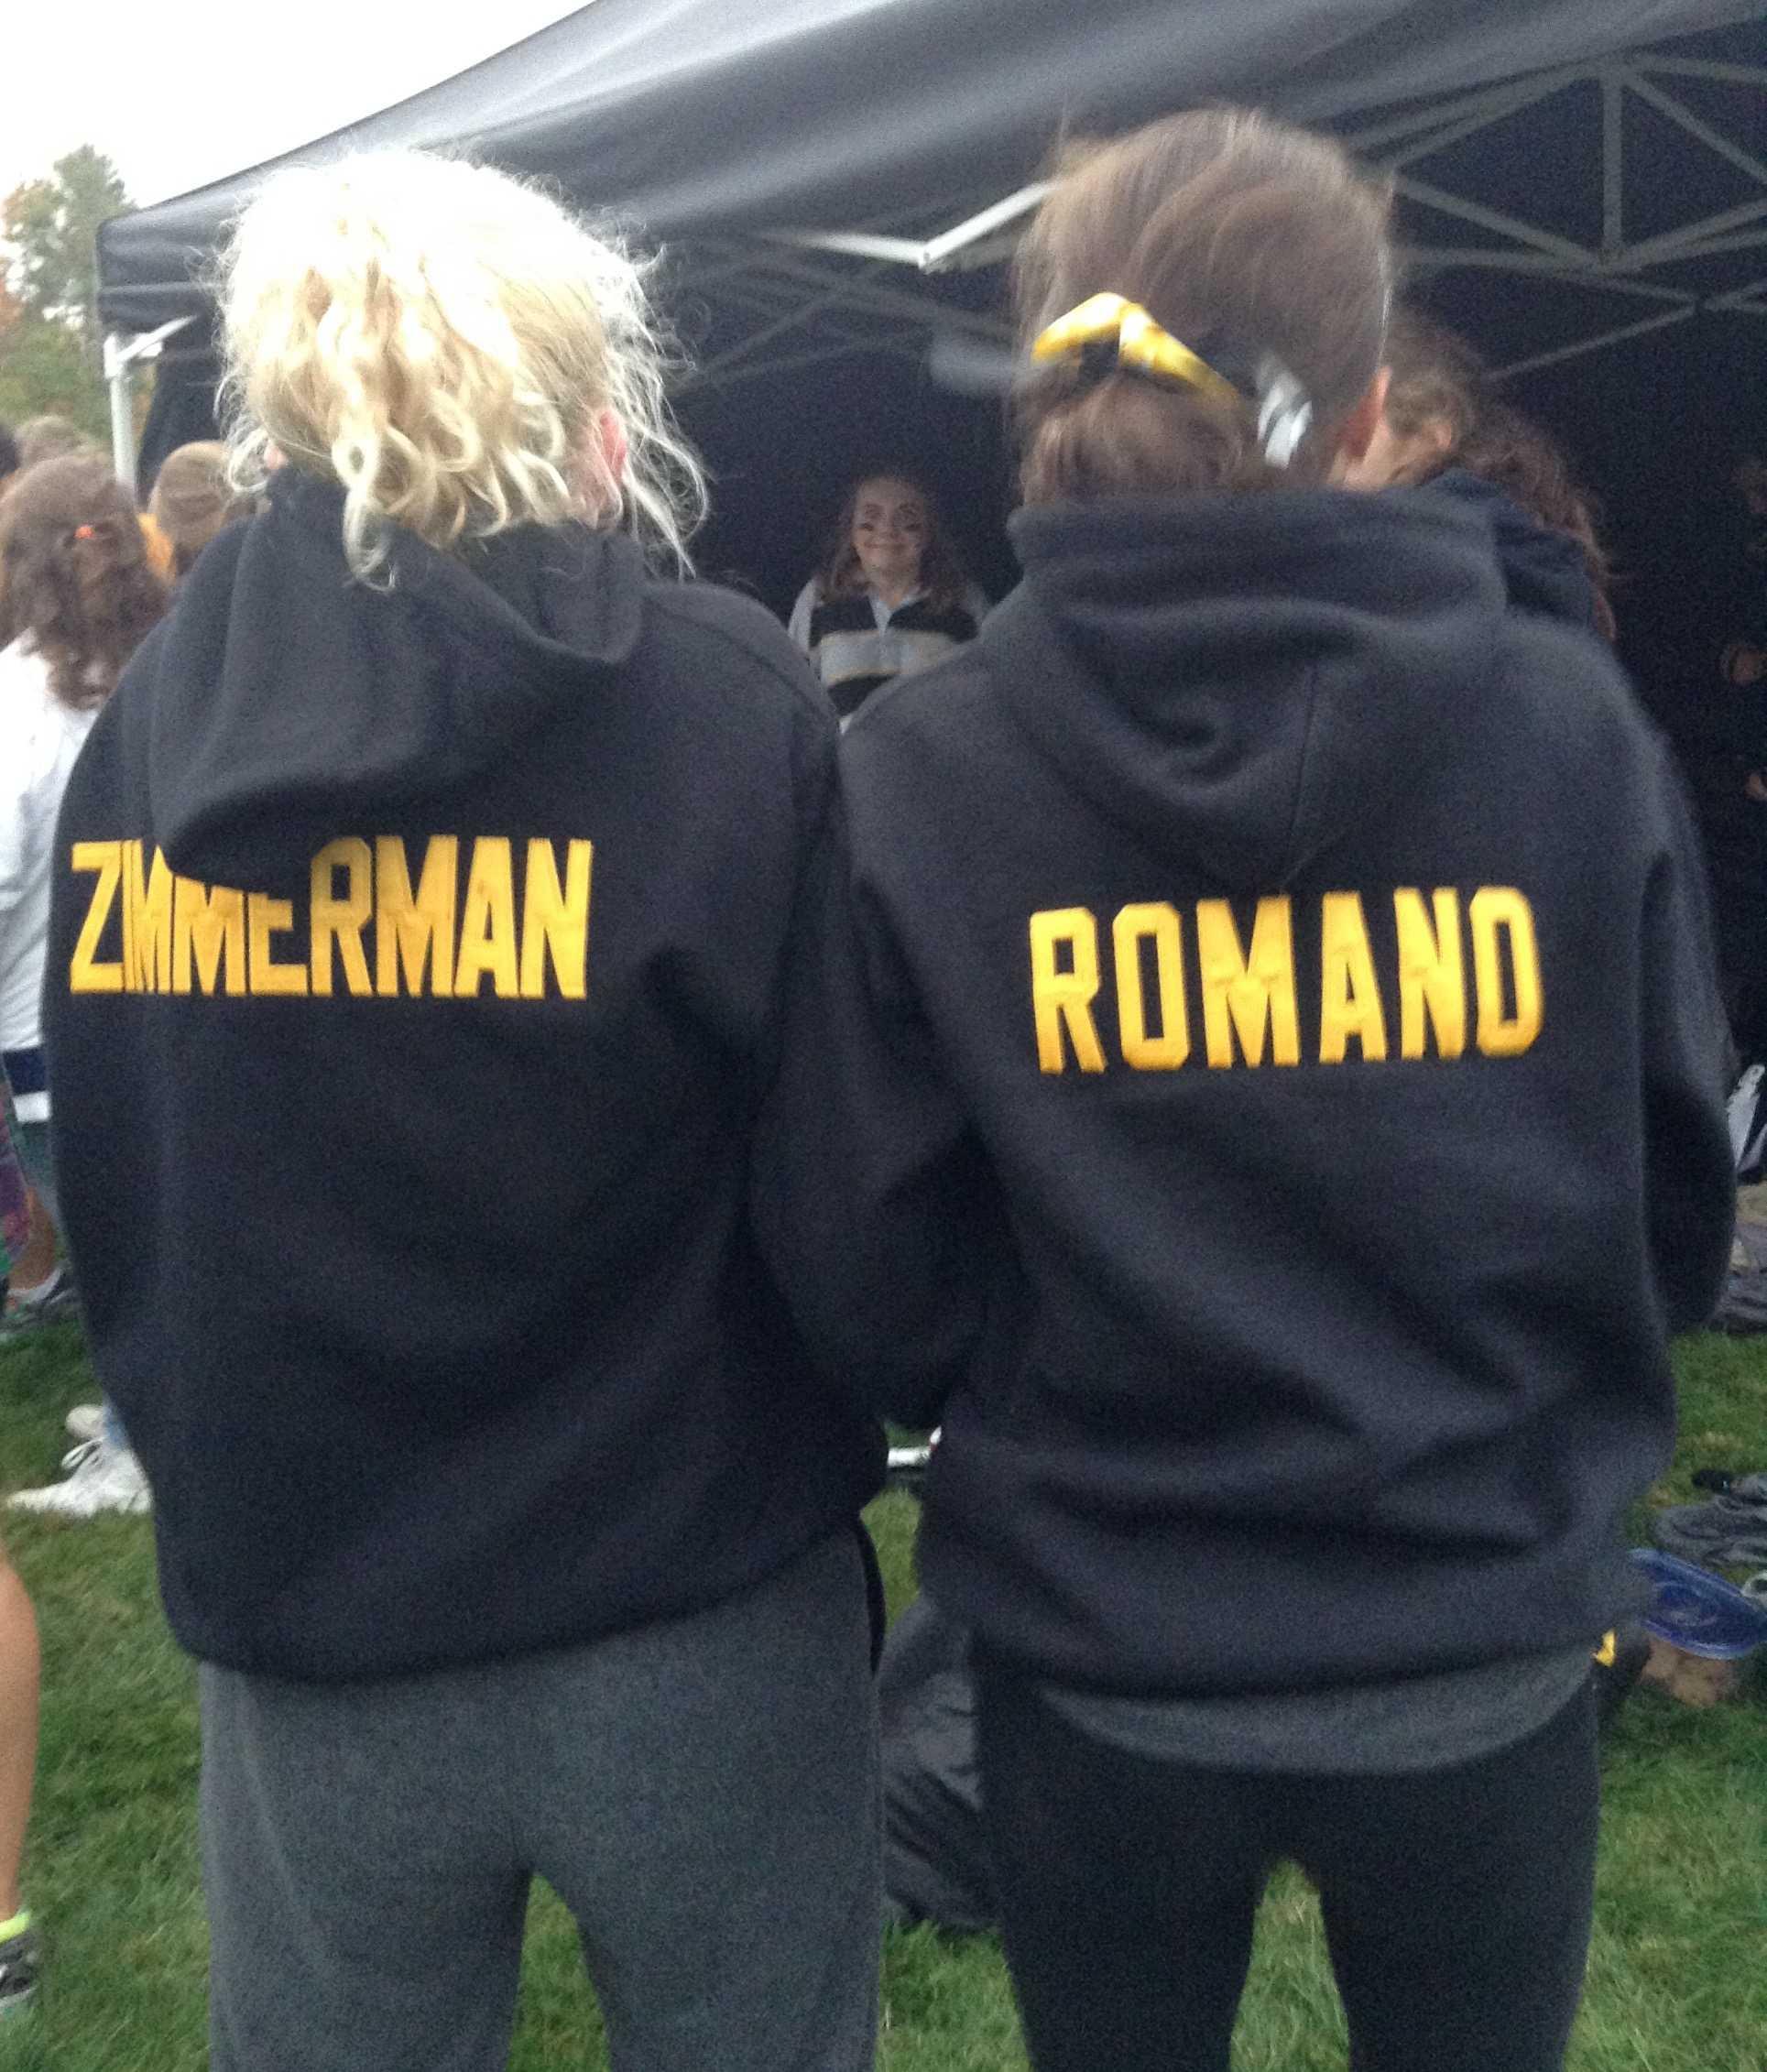 Trinity+Zimmerman+and+Marissa+Romano